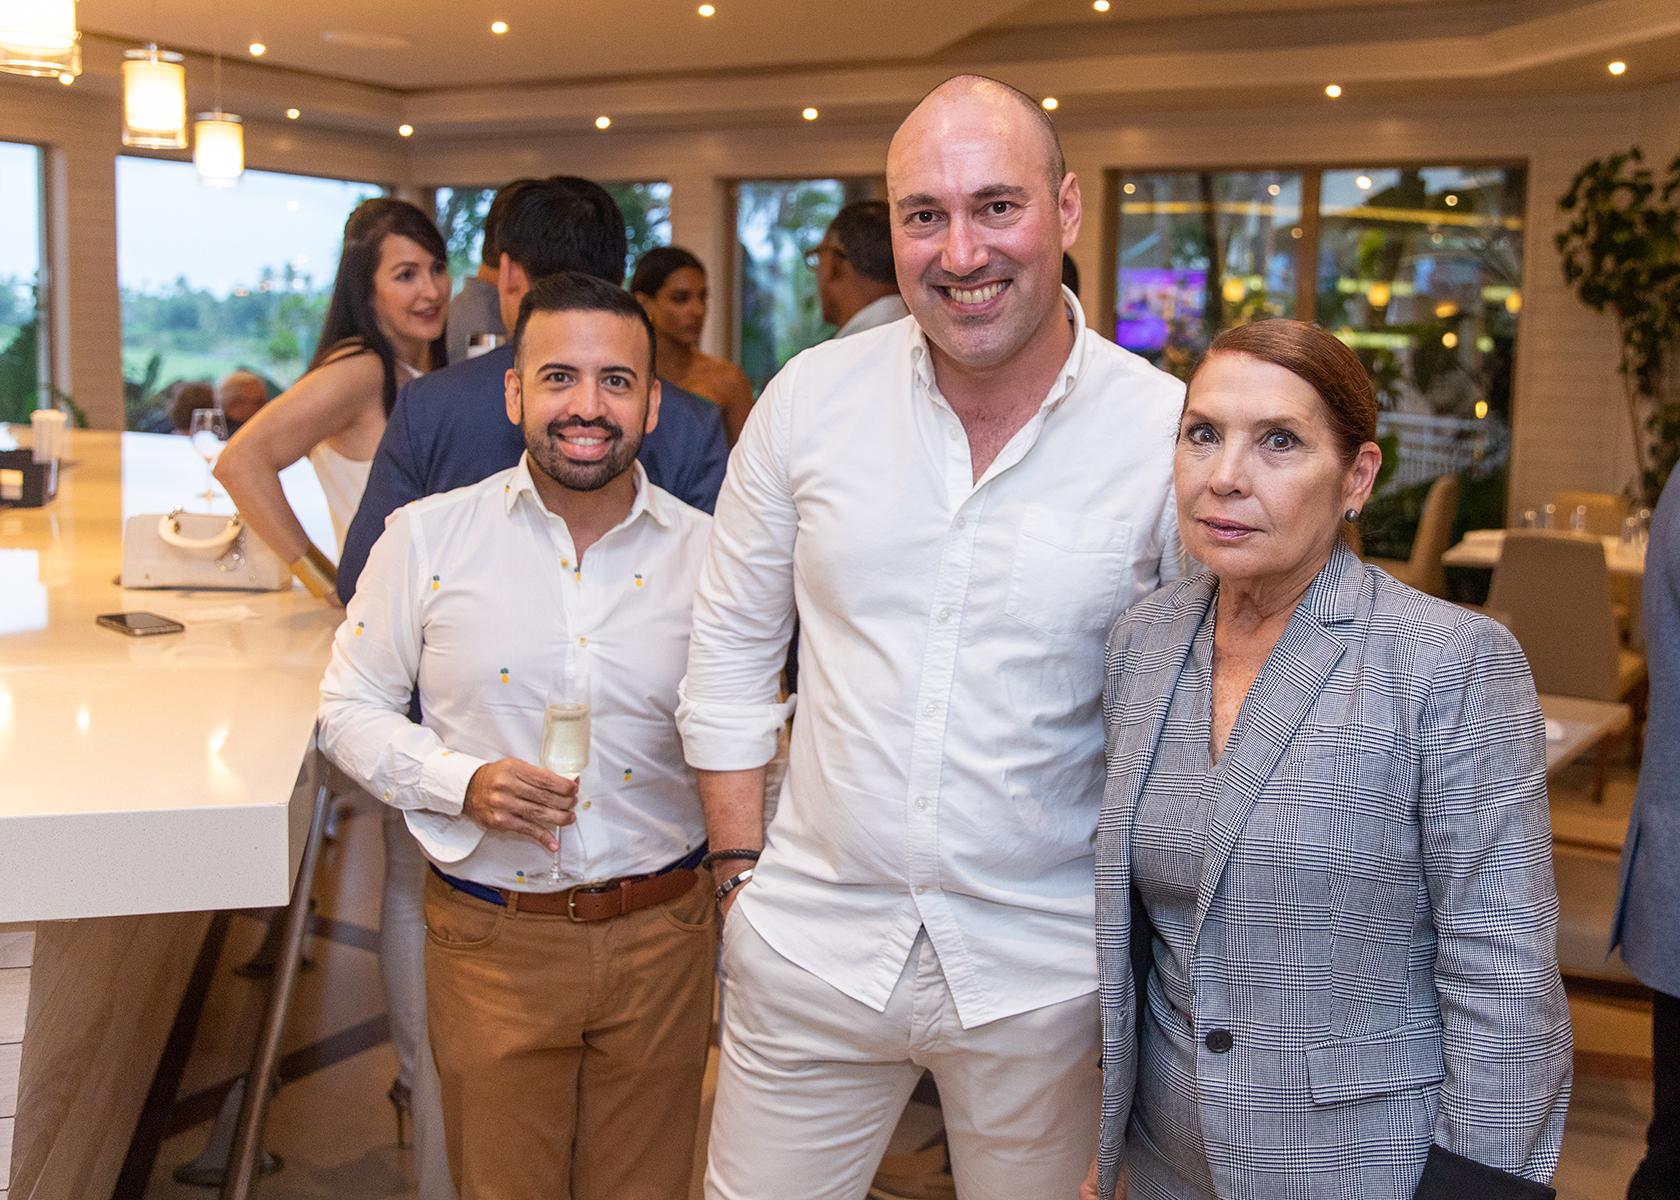 Efraín Santiago, José Ángel Cicero Torre y Heidi Souffront. (Suministrada)